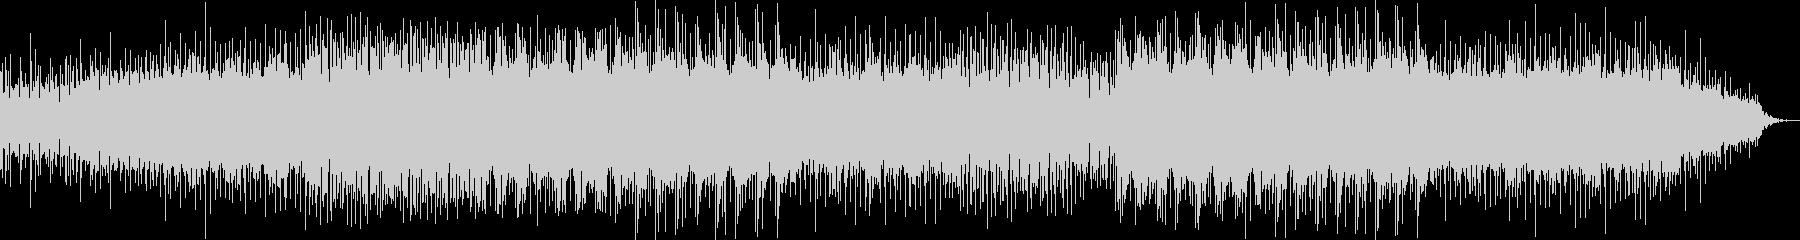 法人 センチメンタル 電子打楽器 ...の未再生の波形